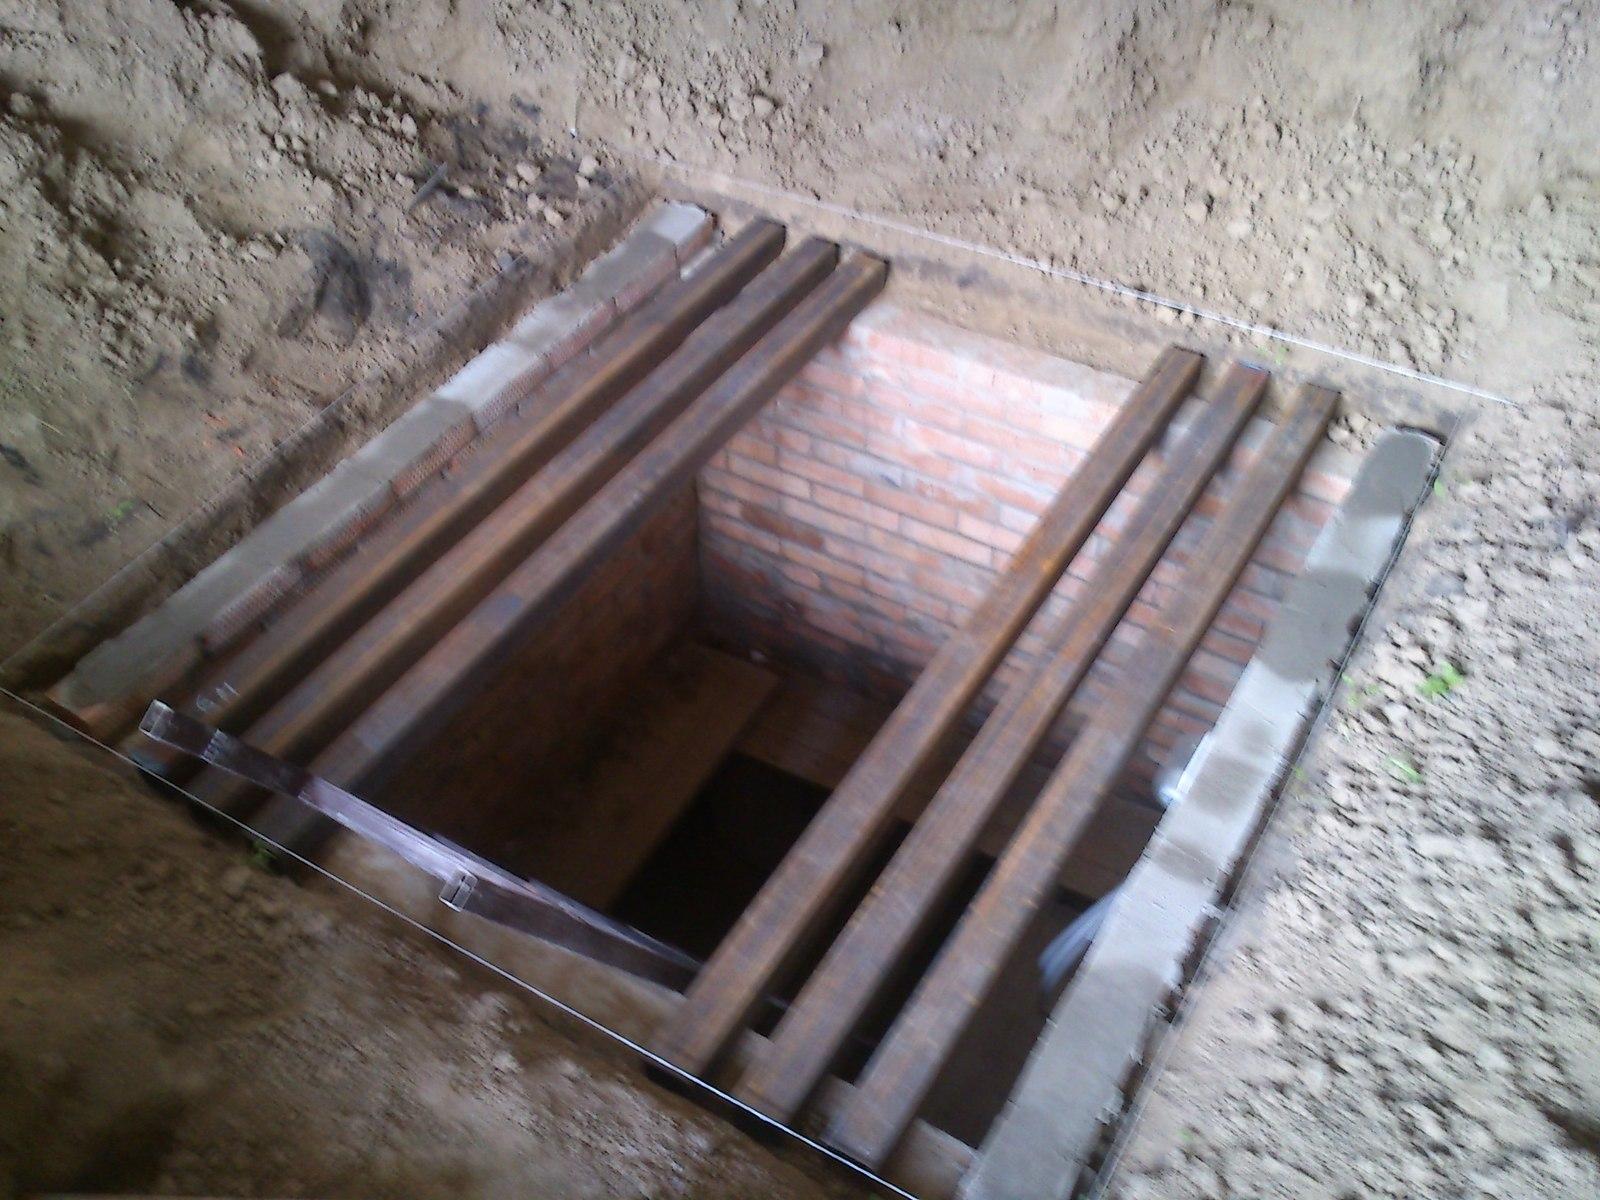 Как сделать яму в гараже если есть подвал своими руками фото 141